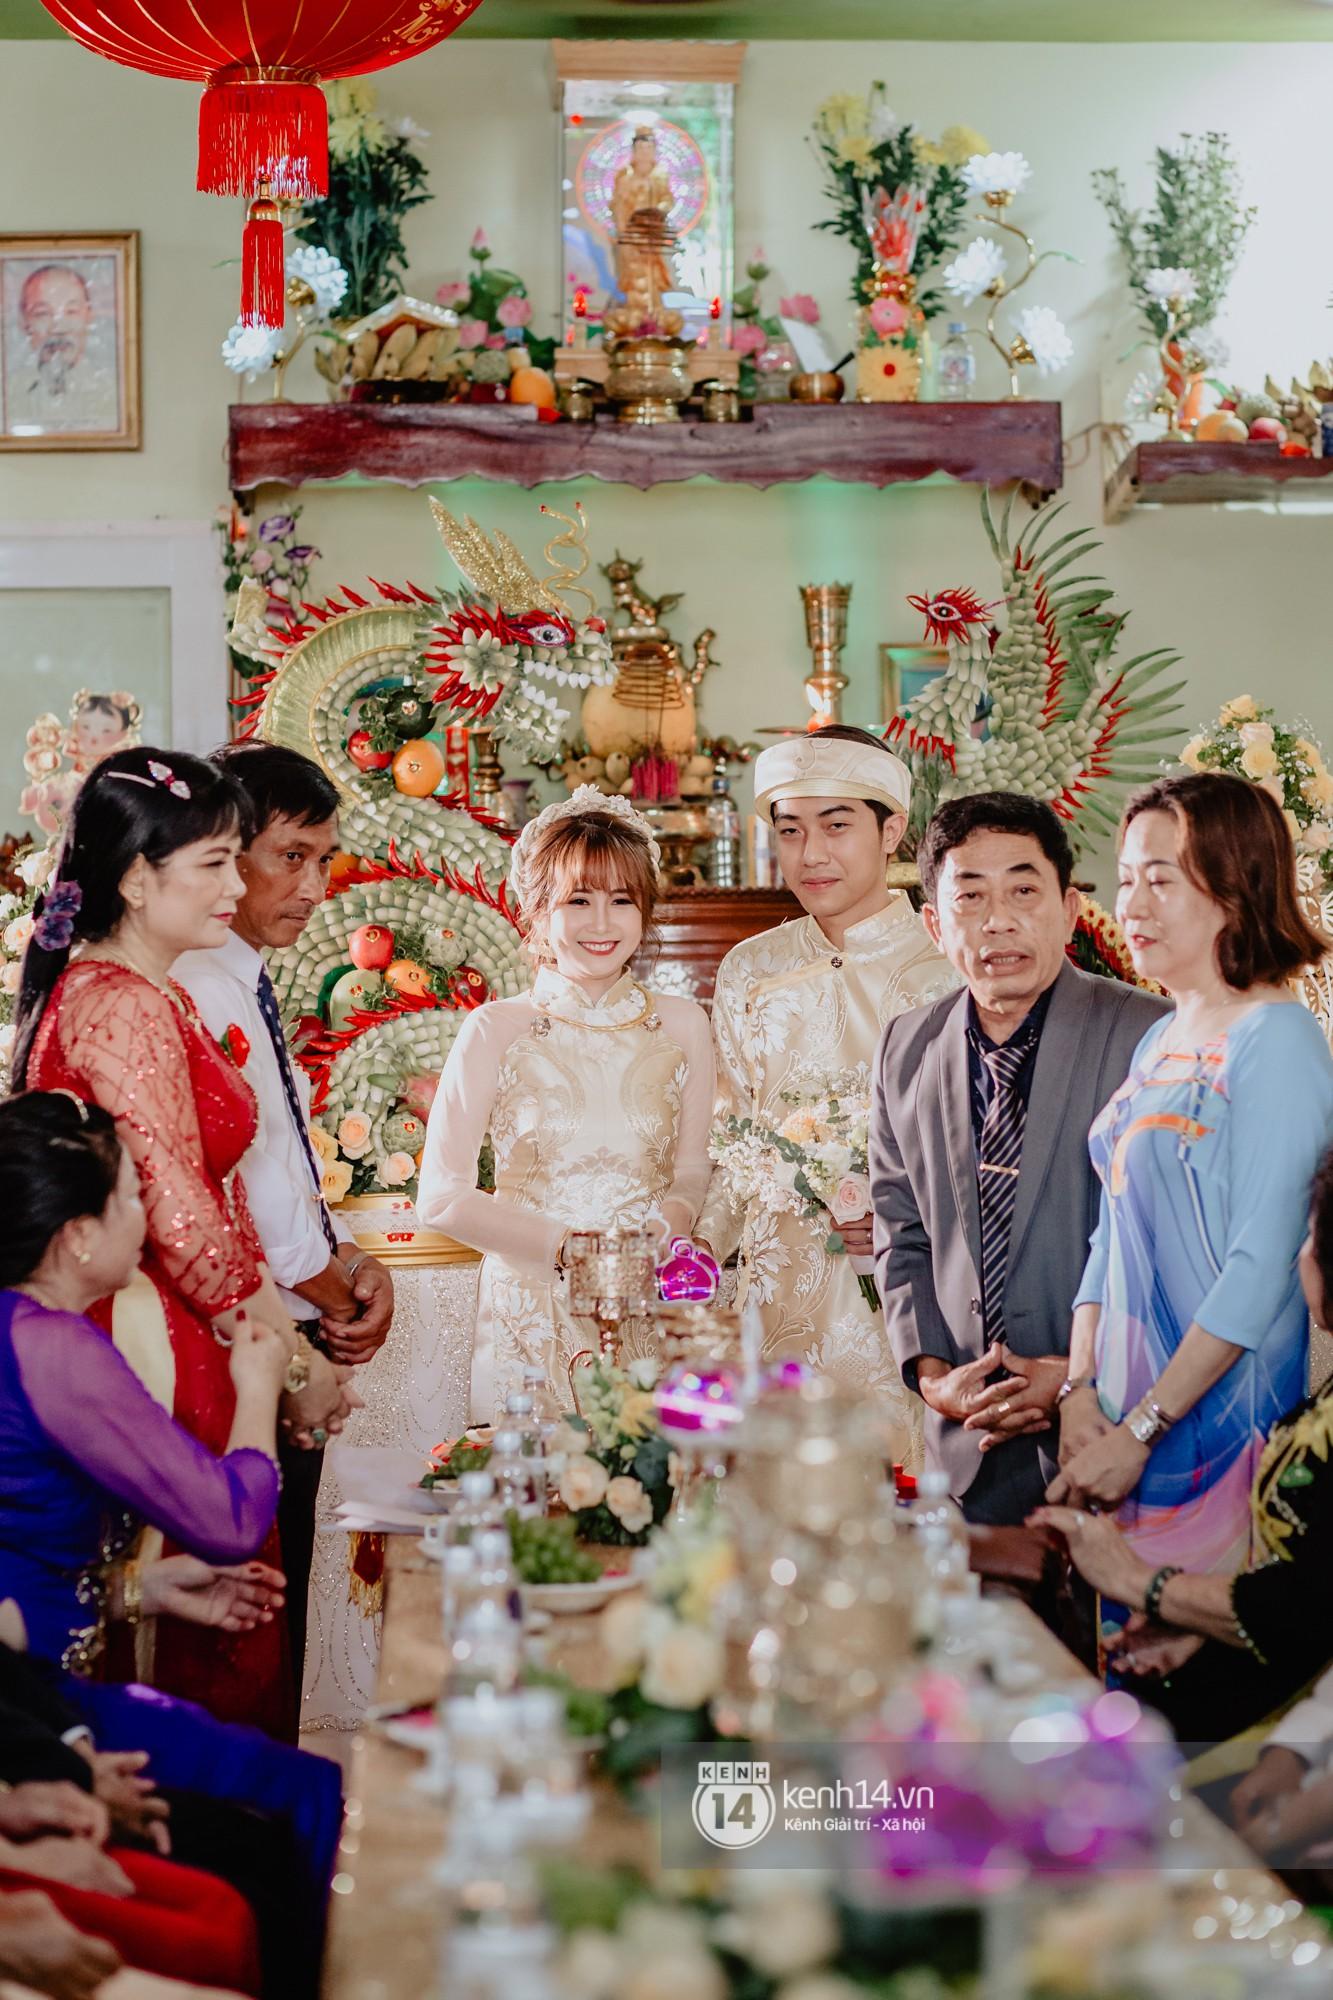 Cris Phan diện vest lịch lãm sánh đôi cùng Mai Quỳnh Anh khui sâm banh ở nhà hàng tiệc cưới - Ảnh 14.